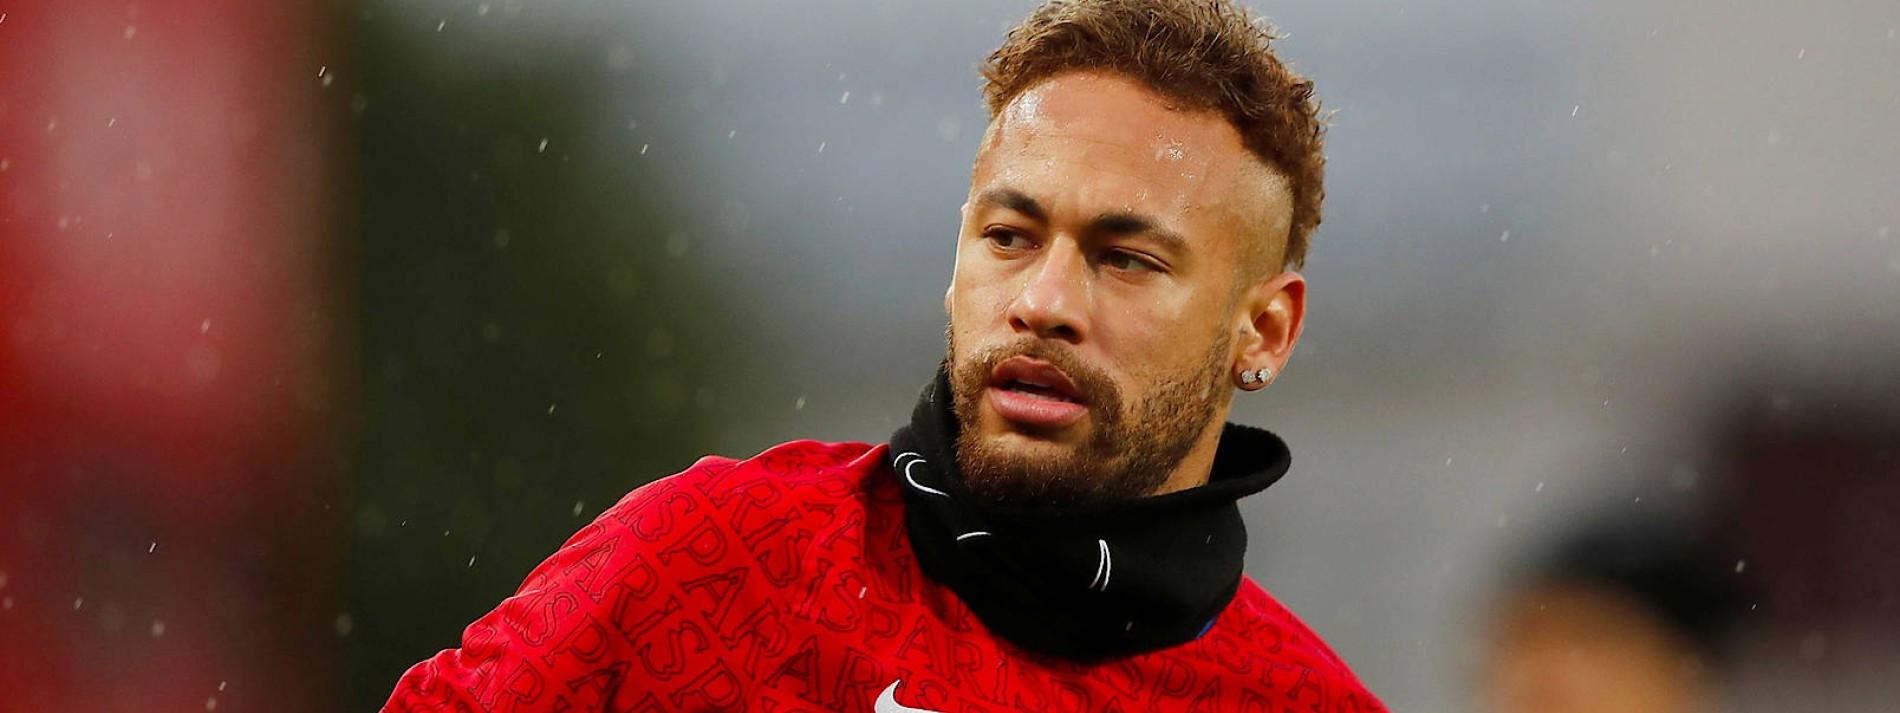 Nike begründet Kündigung Neymars mit Sex-Vorwürfen